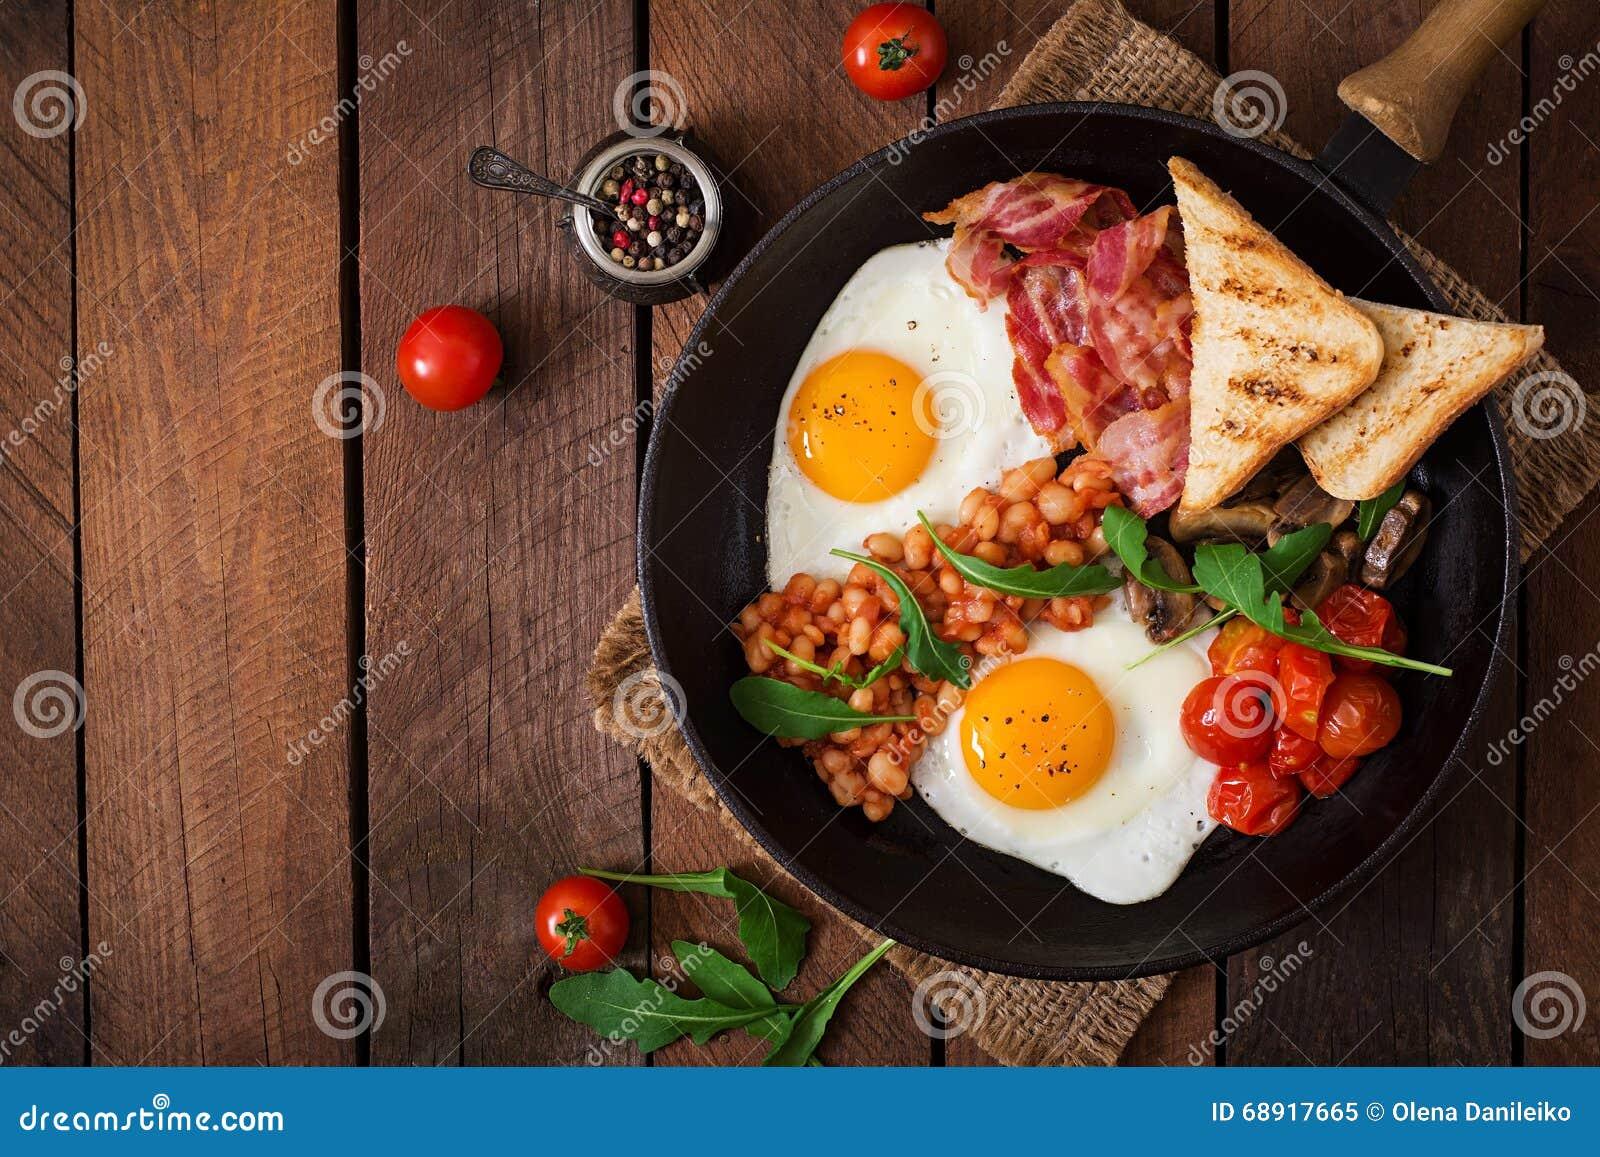 Englisches Frühstück - Spiegelei, Bohnen, Tomaten, Pilze, Speck und Toast